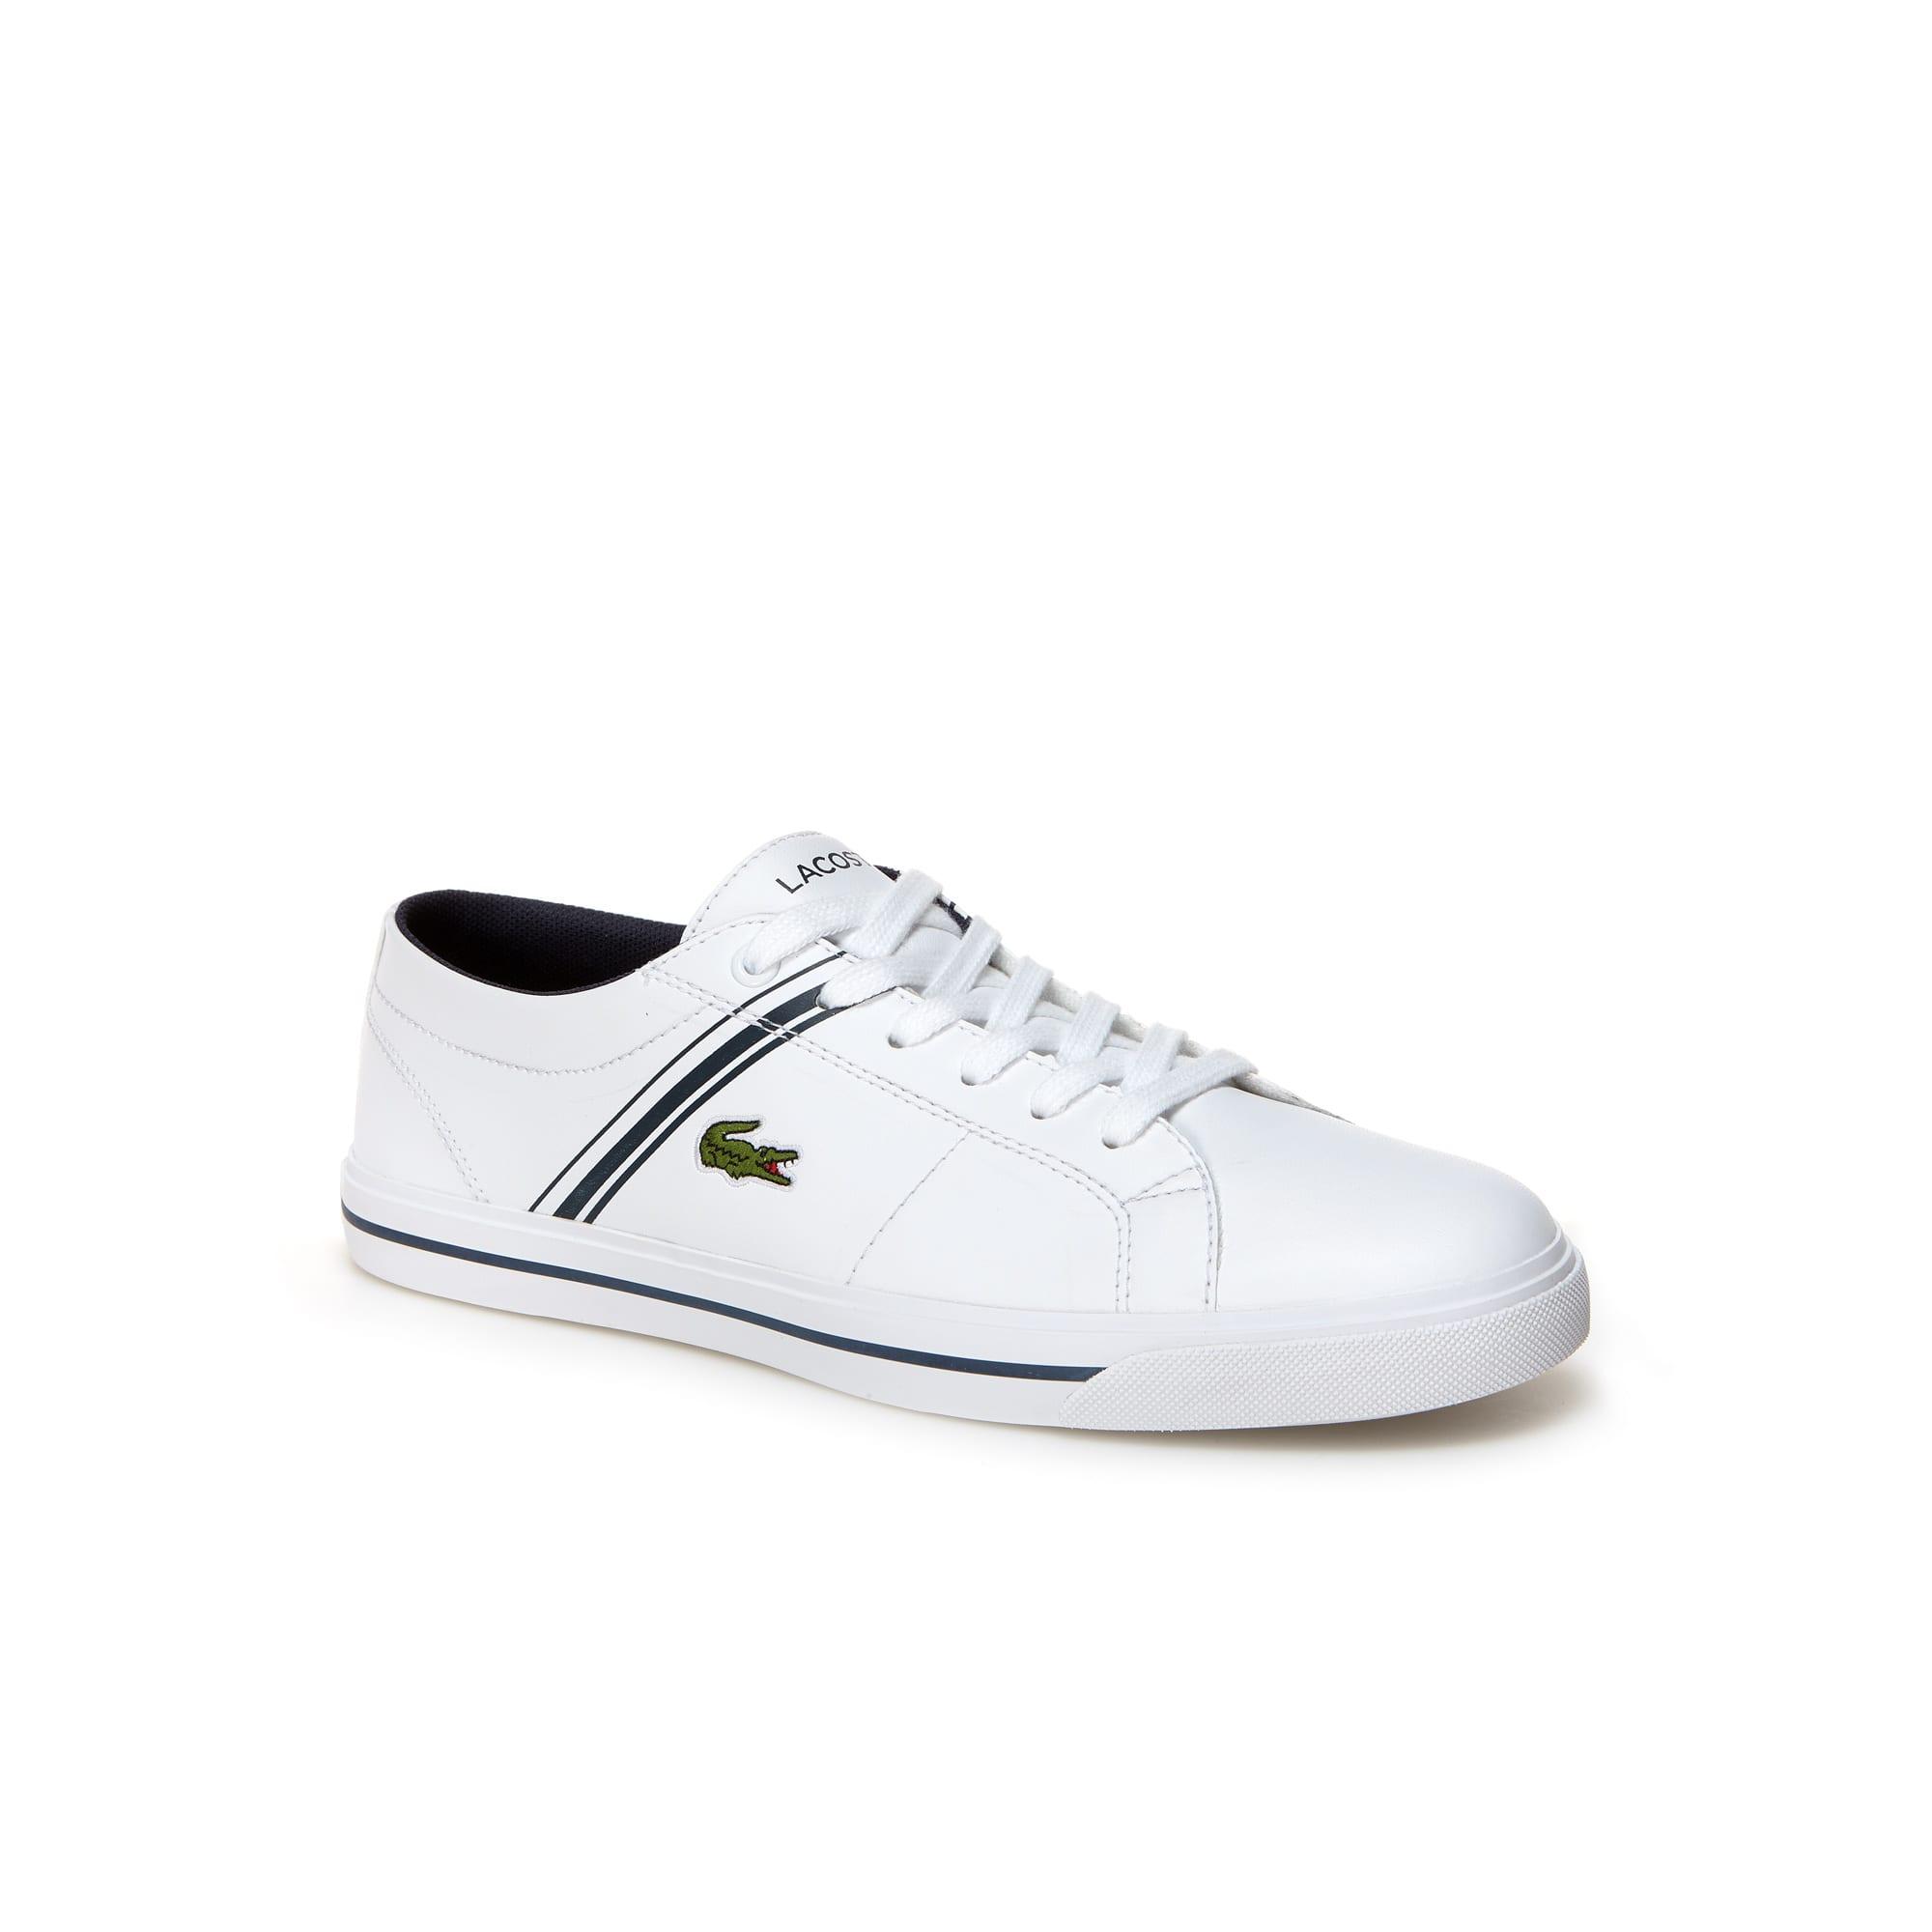 Zapatillas Junior Riberac De Material Sintético